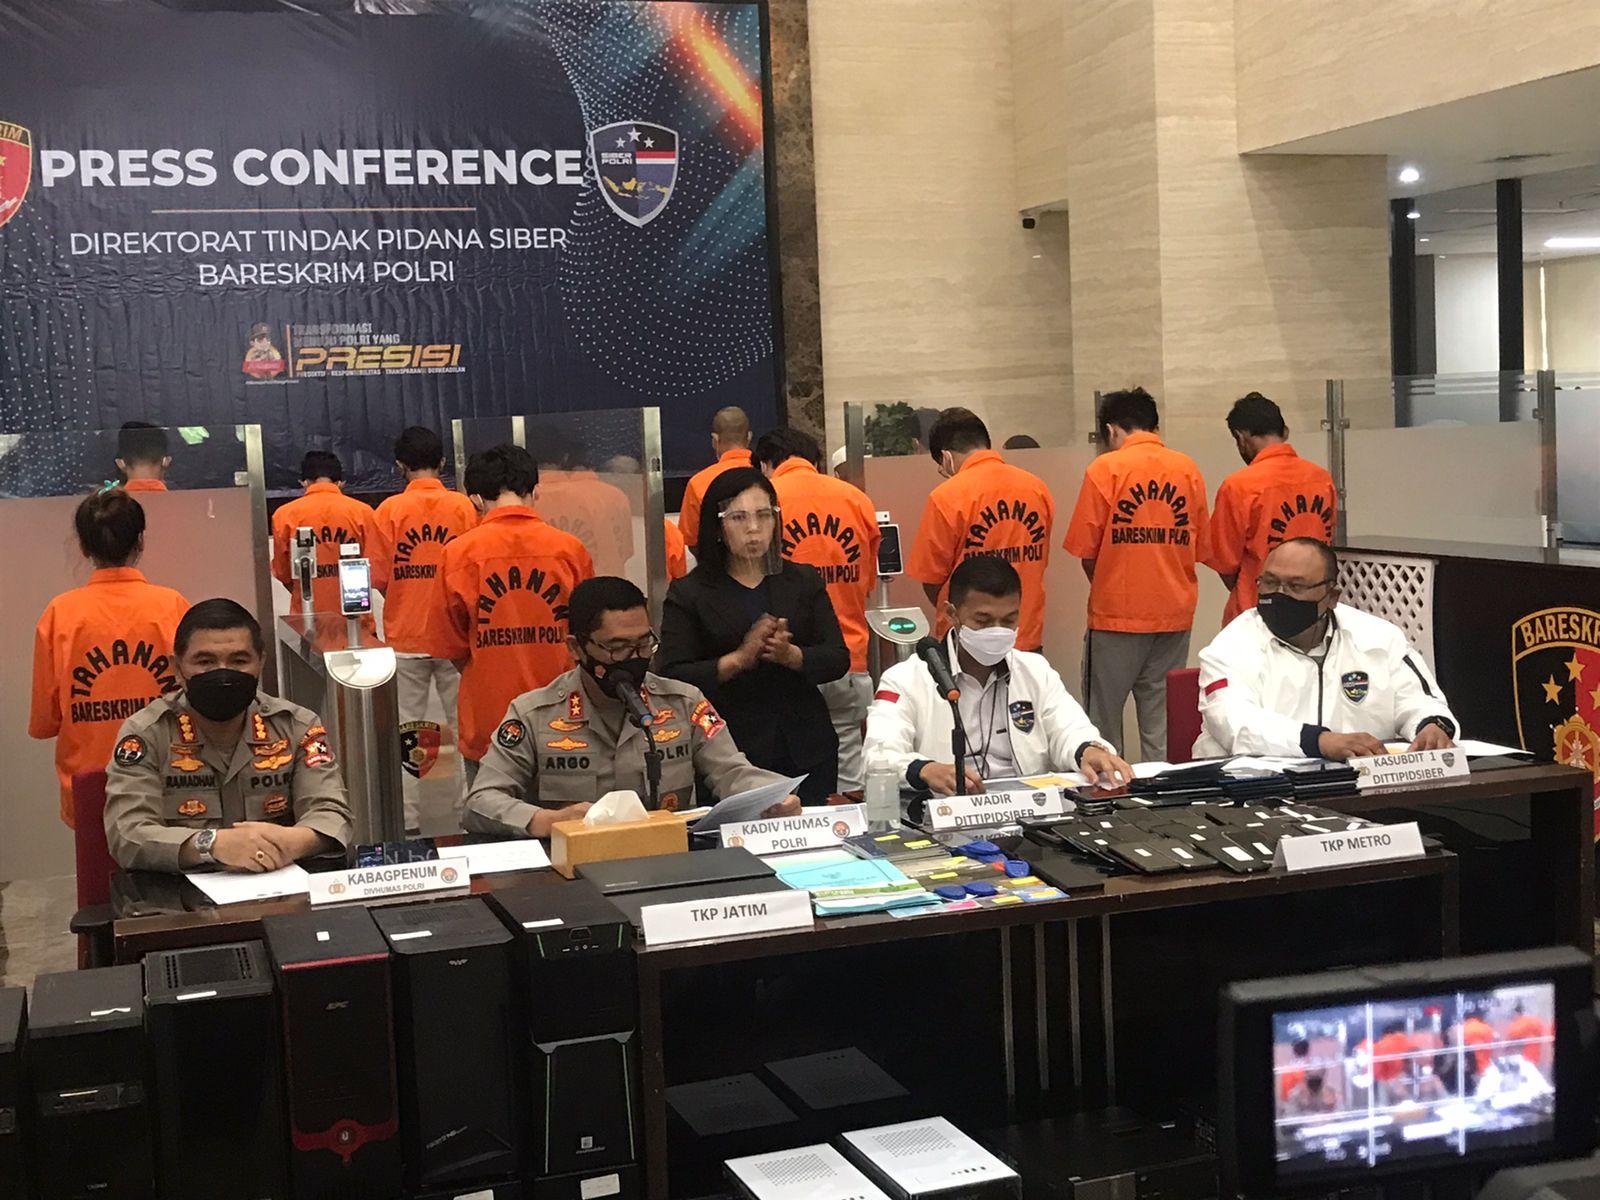 Polri berhasil mengungkap sindikat ilegal akses dan backlink judi online di situs pemerintah